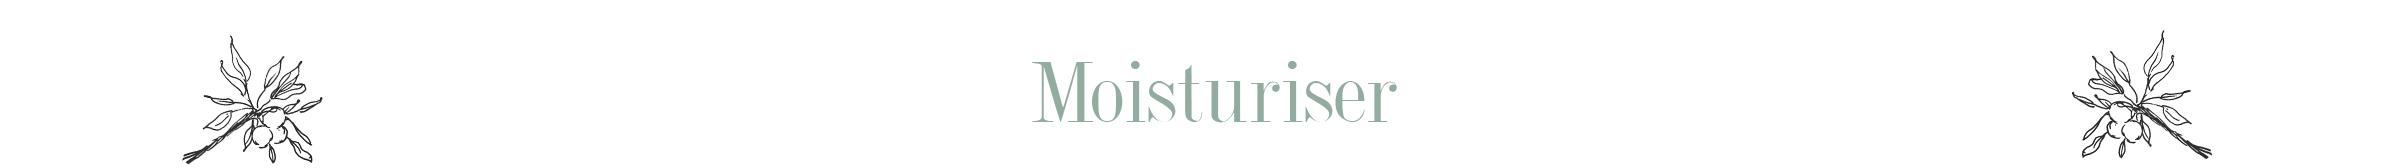 moisturiser.png